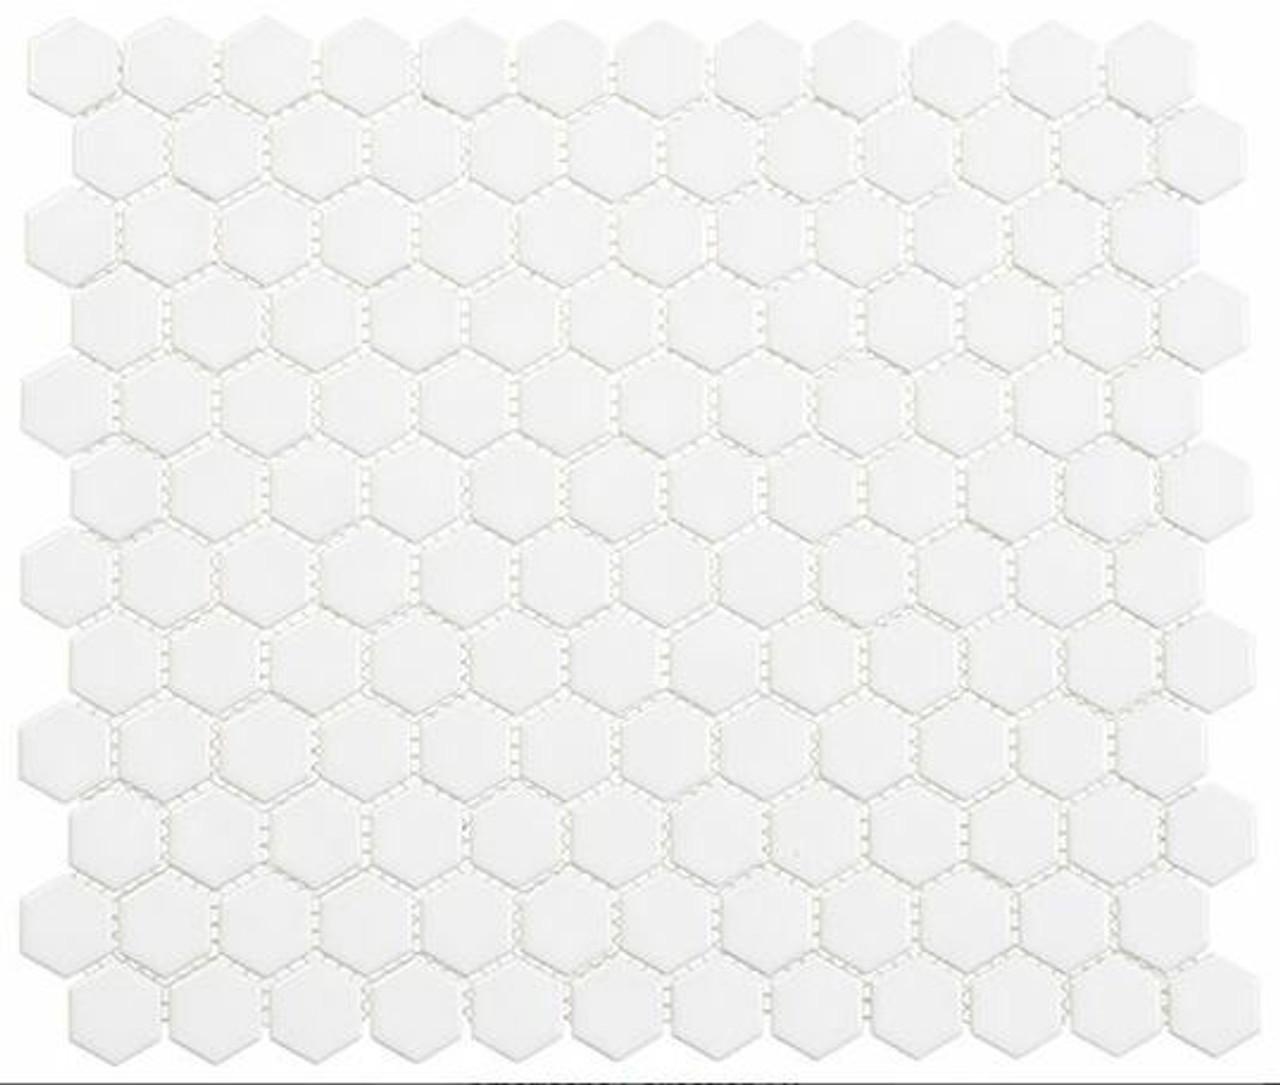 Bella Glass Tiles Freedom Avenue Hexagon United Dove FDM1811